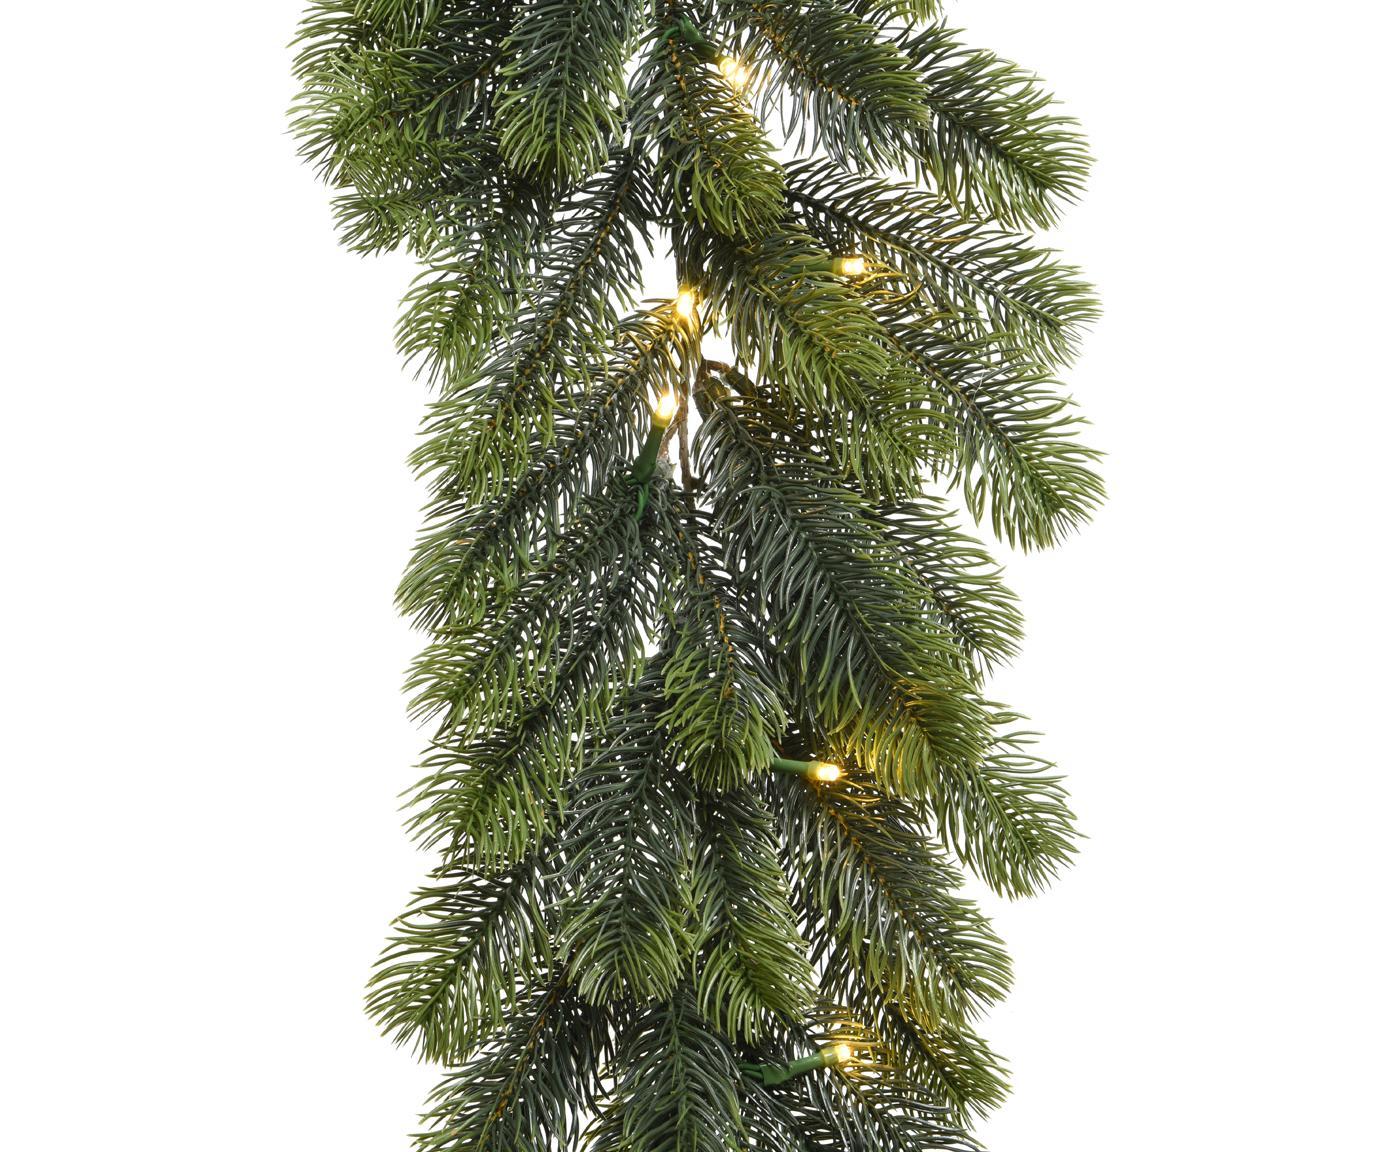 Batteriebetriebene LED Weihnachtsgirlande Prestige, Kunststoff (Polyethylen), Grün, L 180 cm